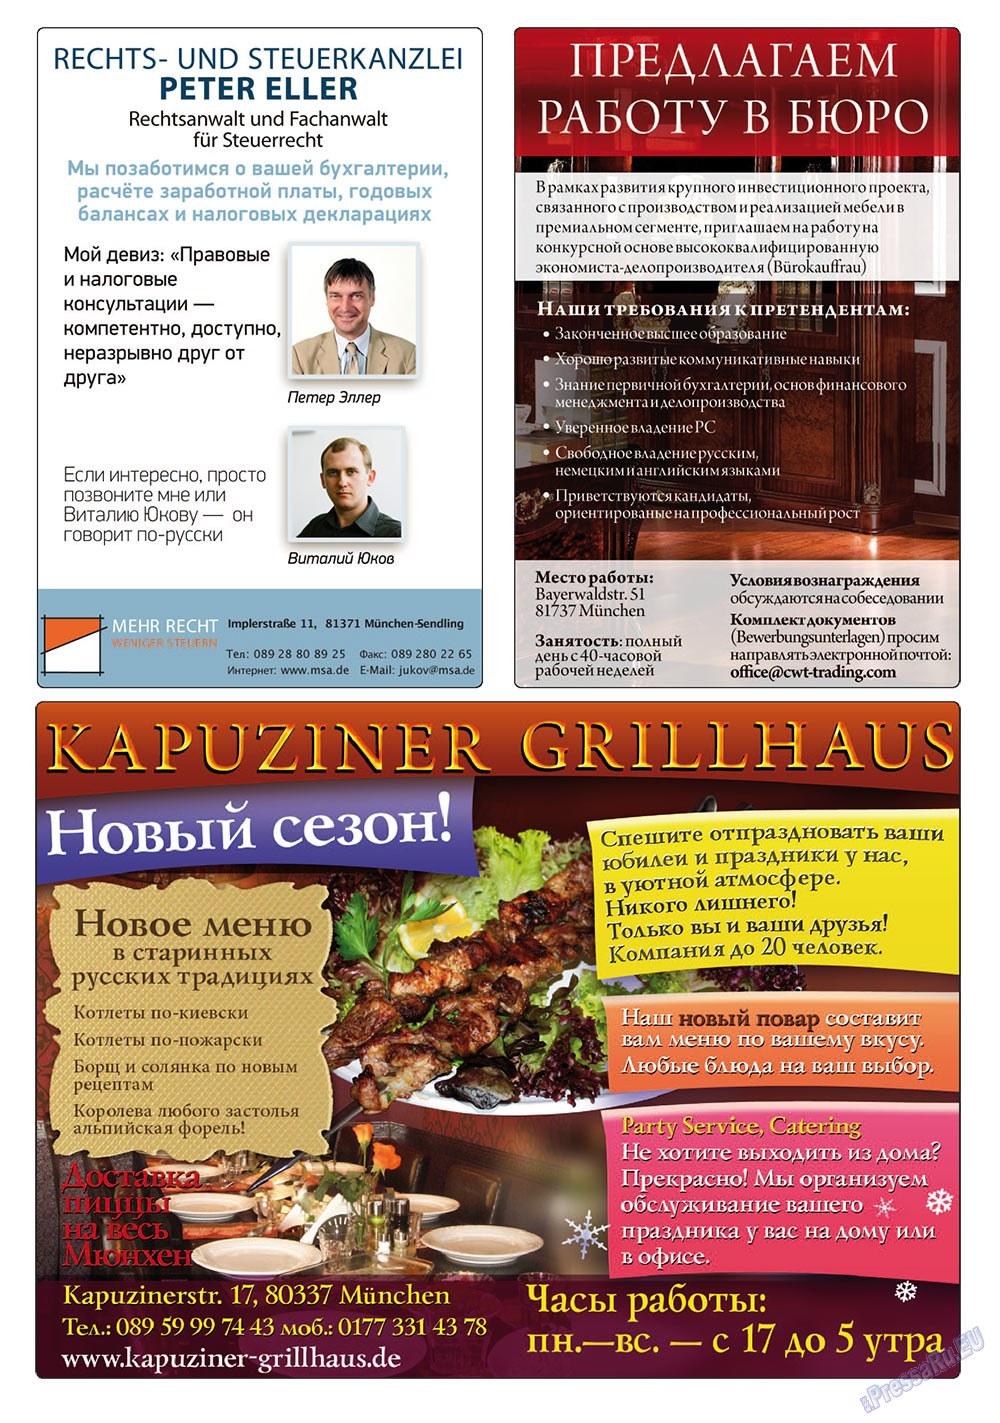 Апельсин (журнал). 2011 год, номер 18, стр. 8